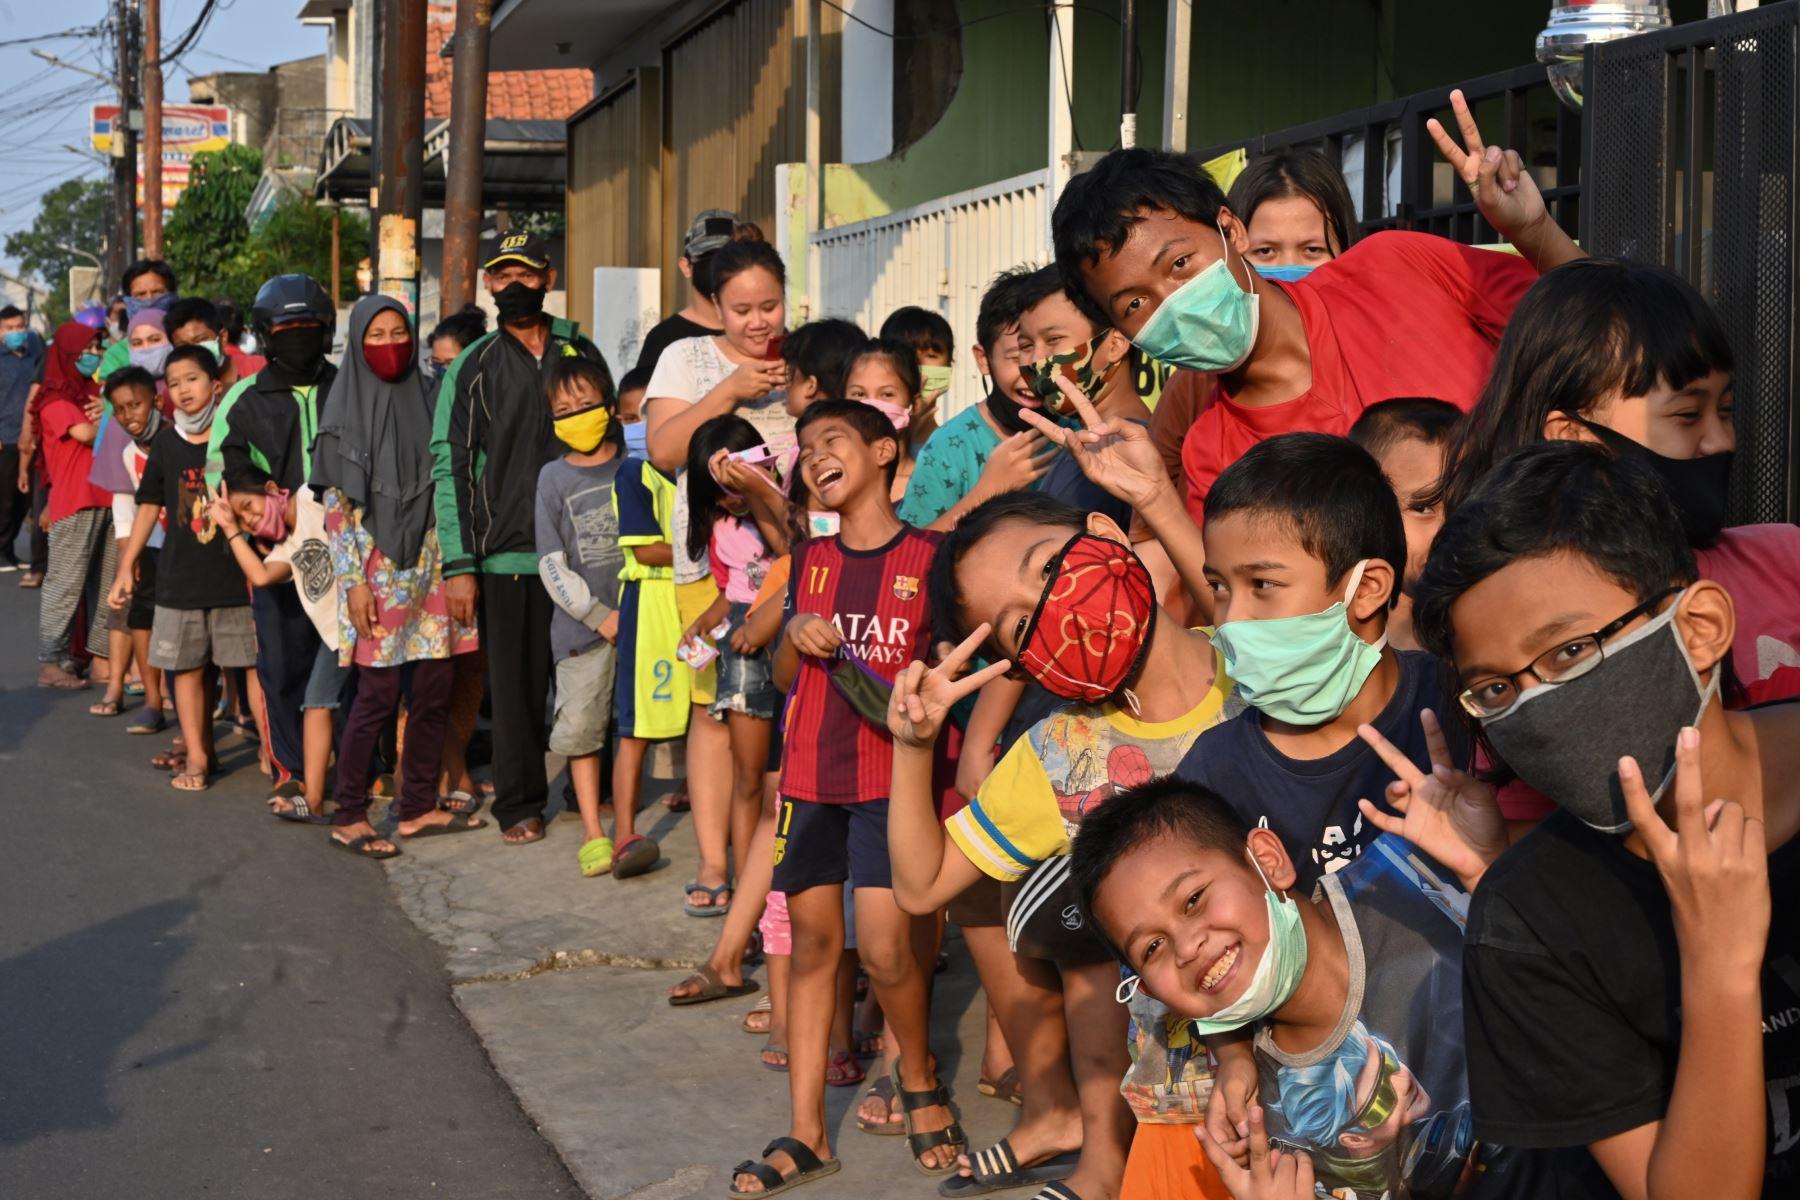 Musulmanes indonesios reaccionan a la fotografía mientras hacen cola para recibir comida gratis y romper su ayuno durante el mes sagrado del Ramadán en Yakarta, Indonesia. Foto: AFP